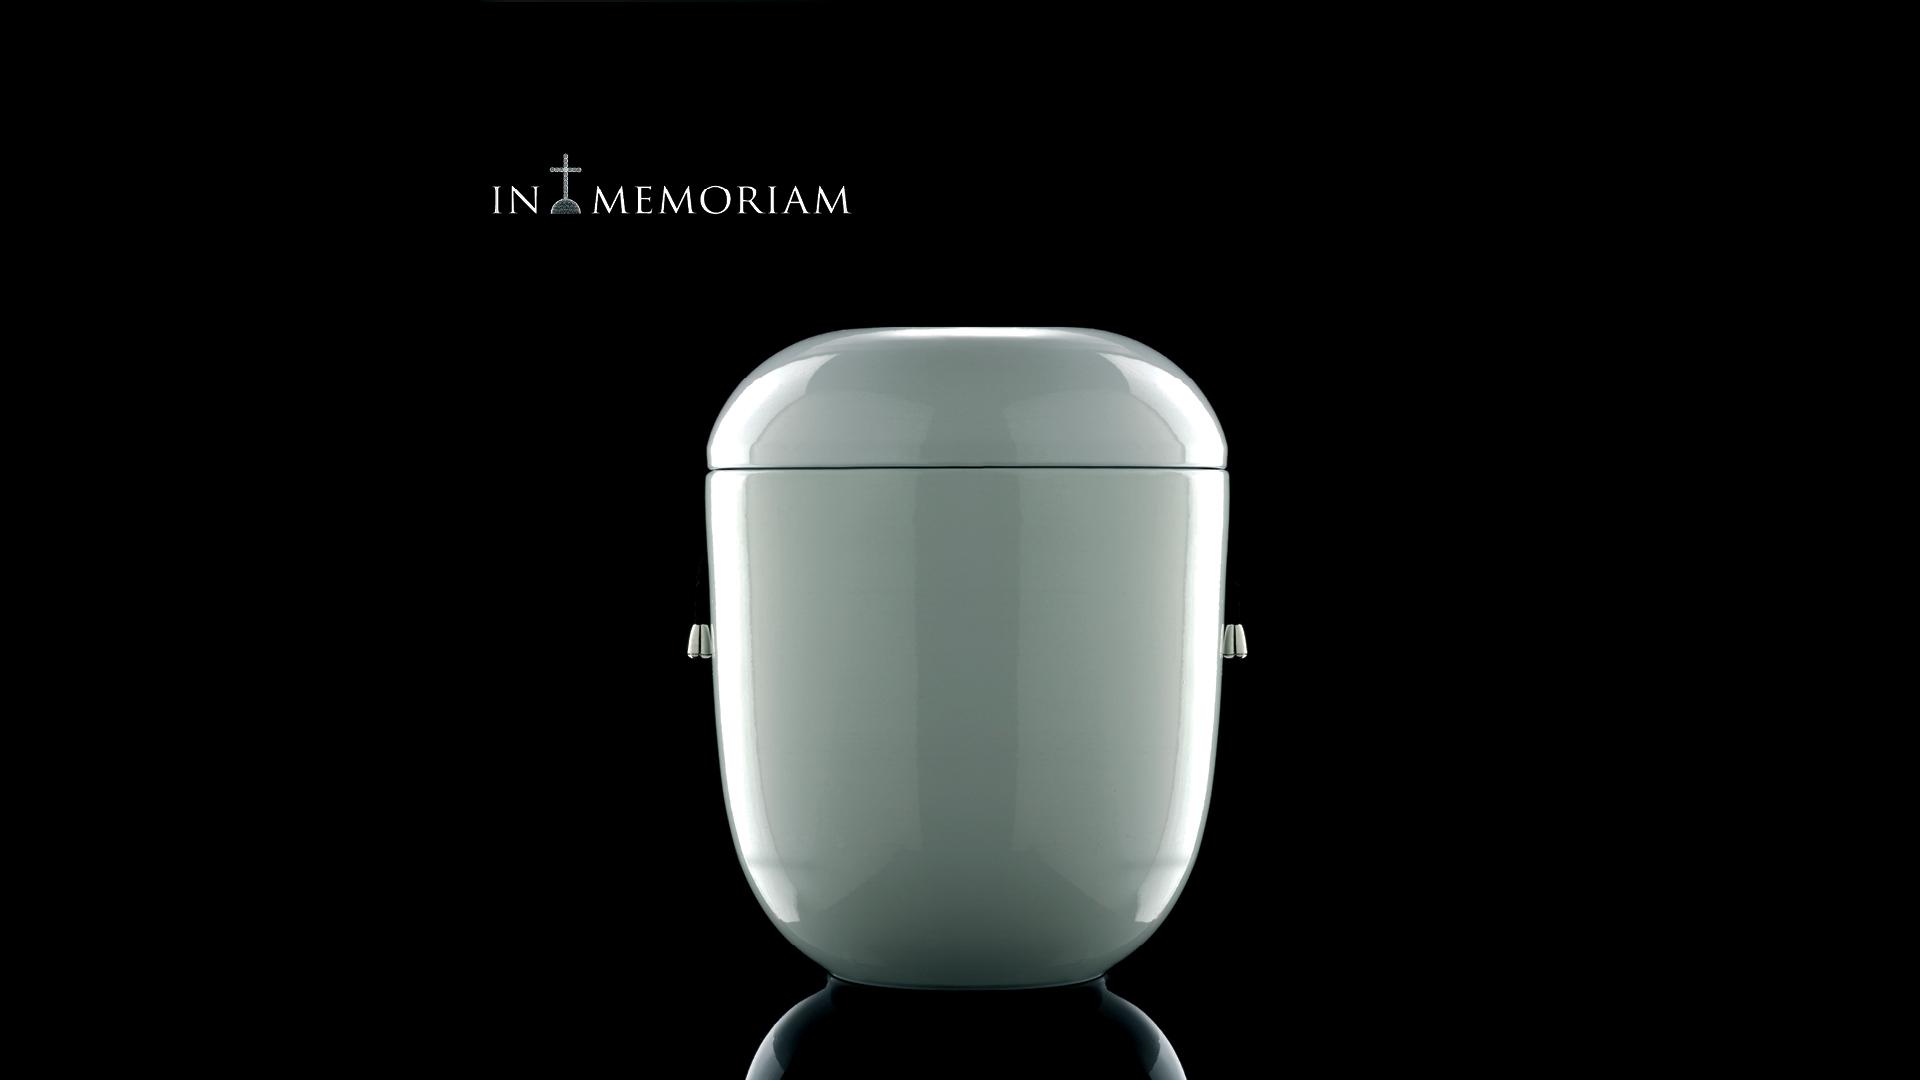 Im Memoriam Urne